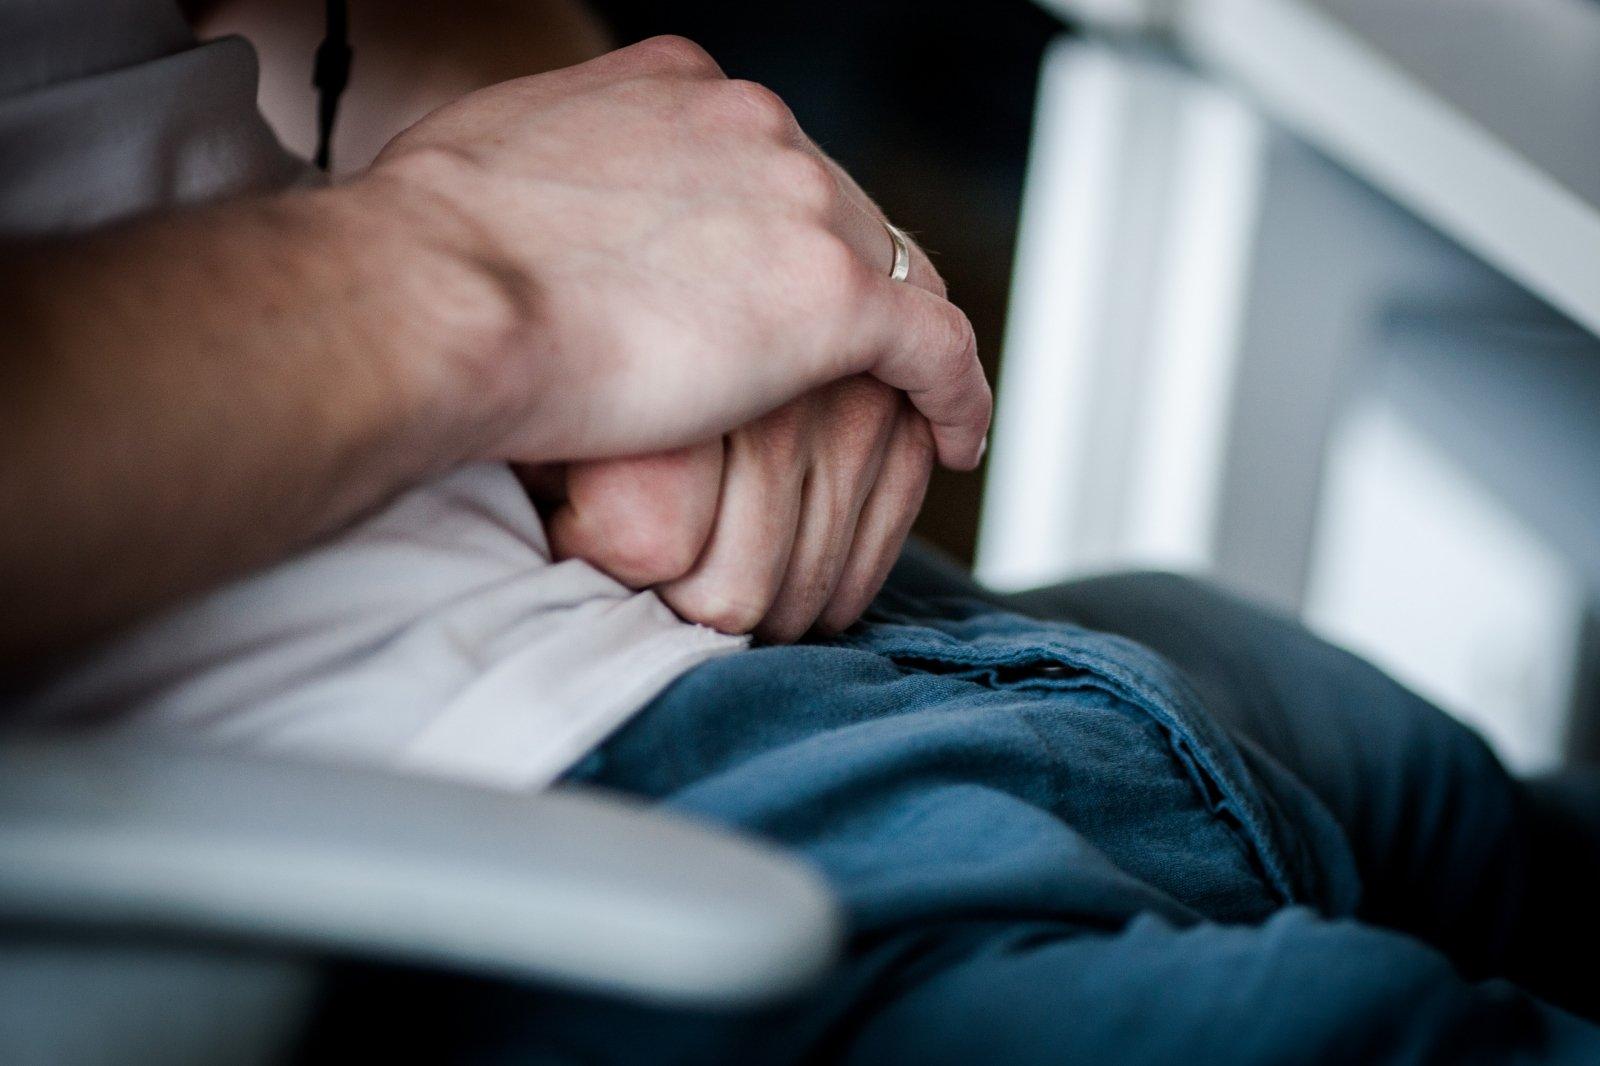 erekcija iš varpos matymo erekcijos diagnozė